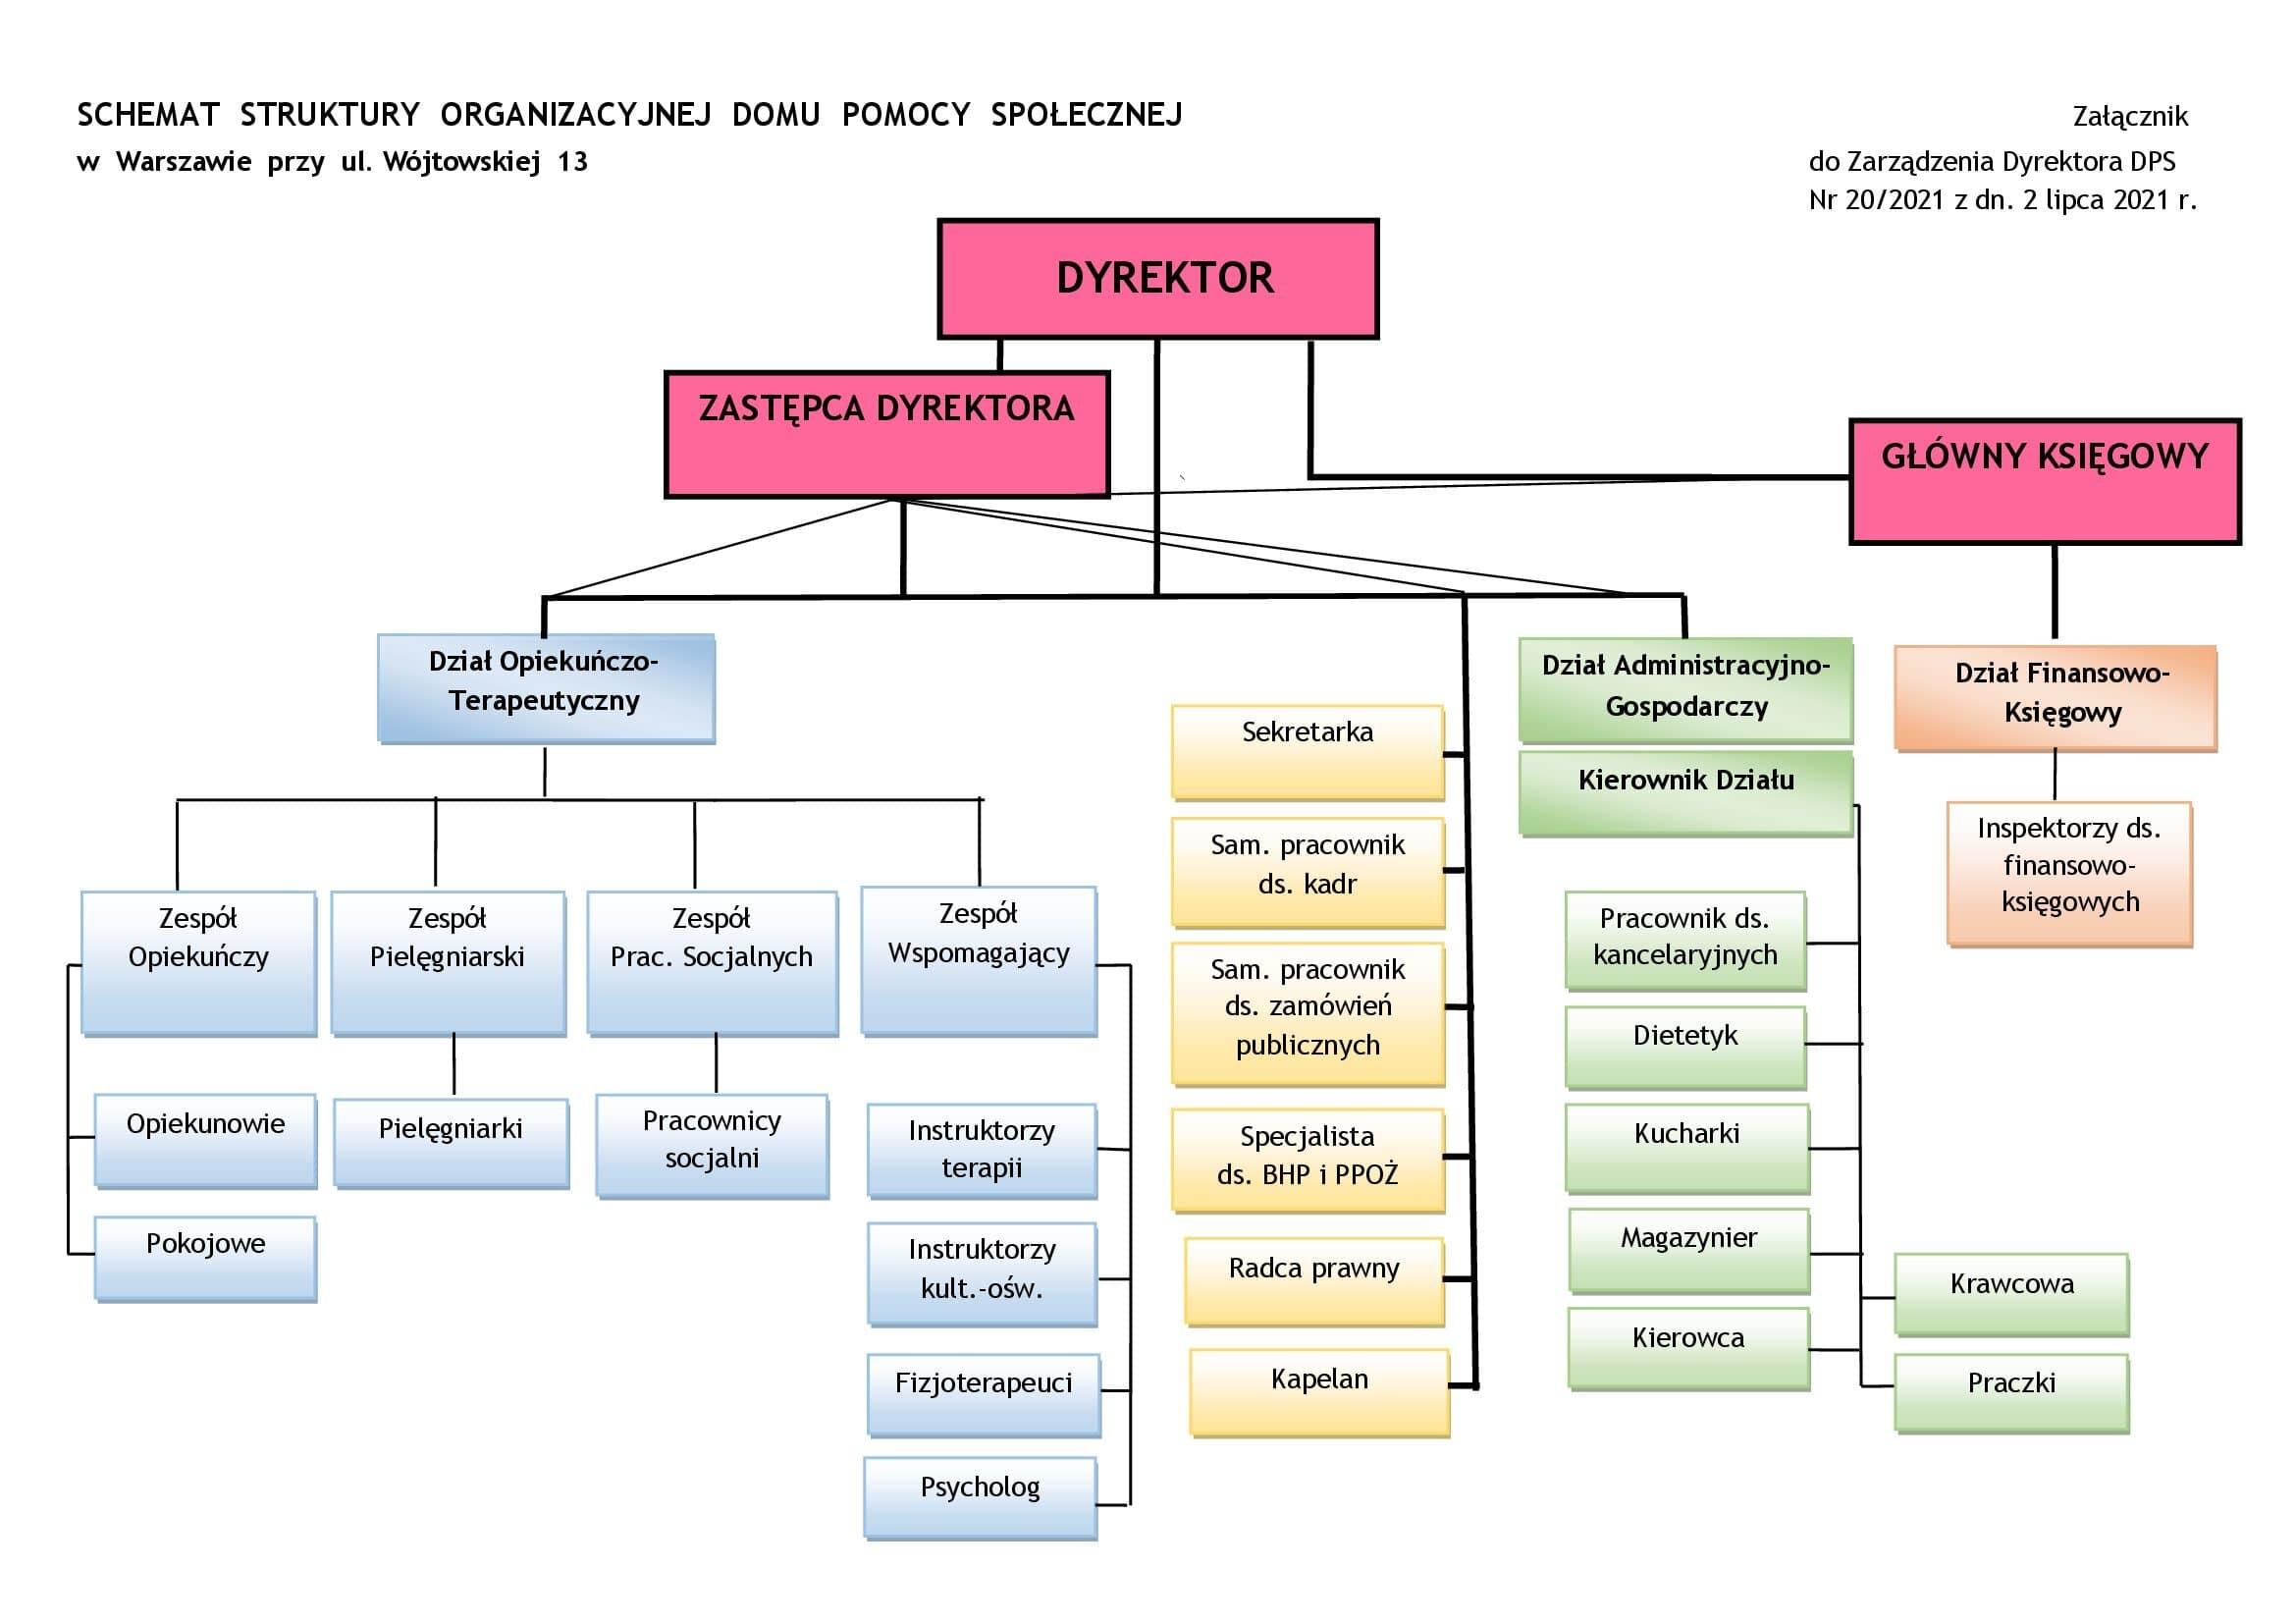 Schemat struktury organizacyjnej domu pomocy społecznej